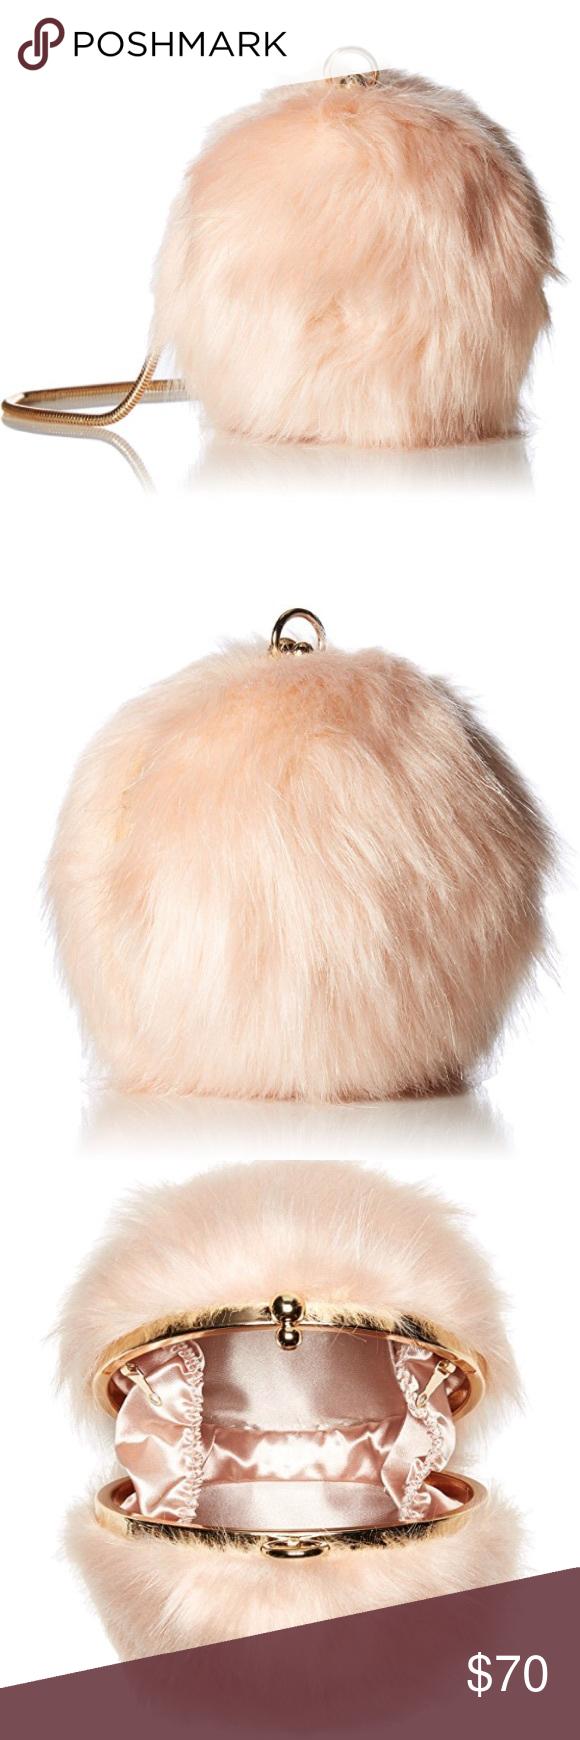 eaf8c3ae6b ALDO faux fur Crossbody pink NWT ALDO faux fur Crossbody with chain ...